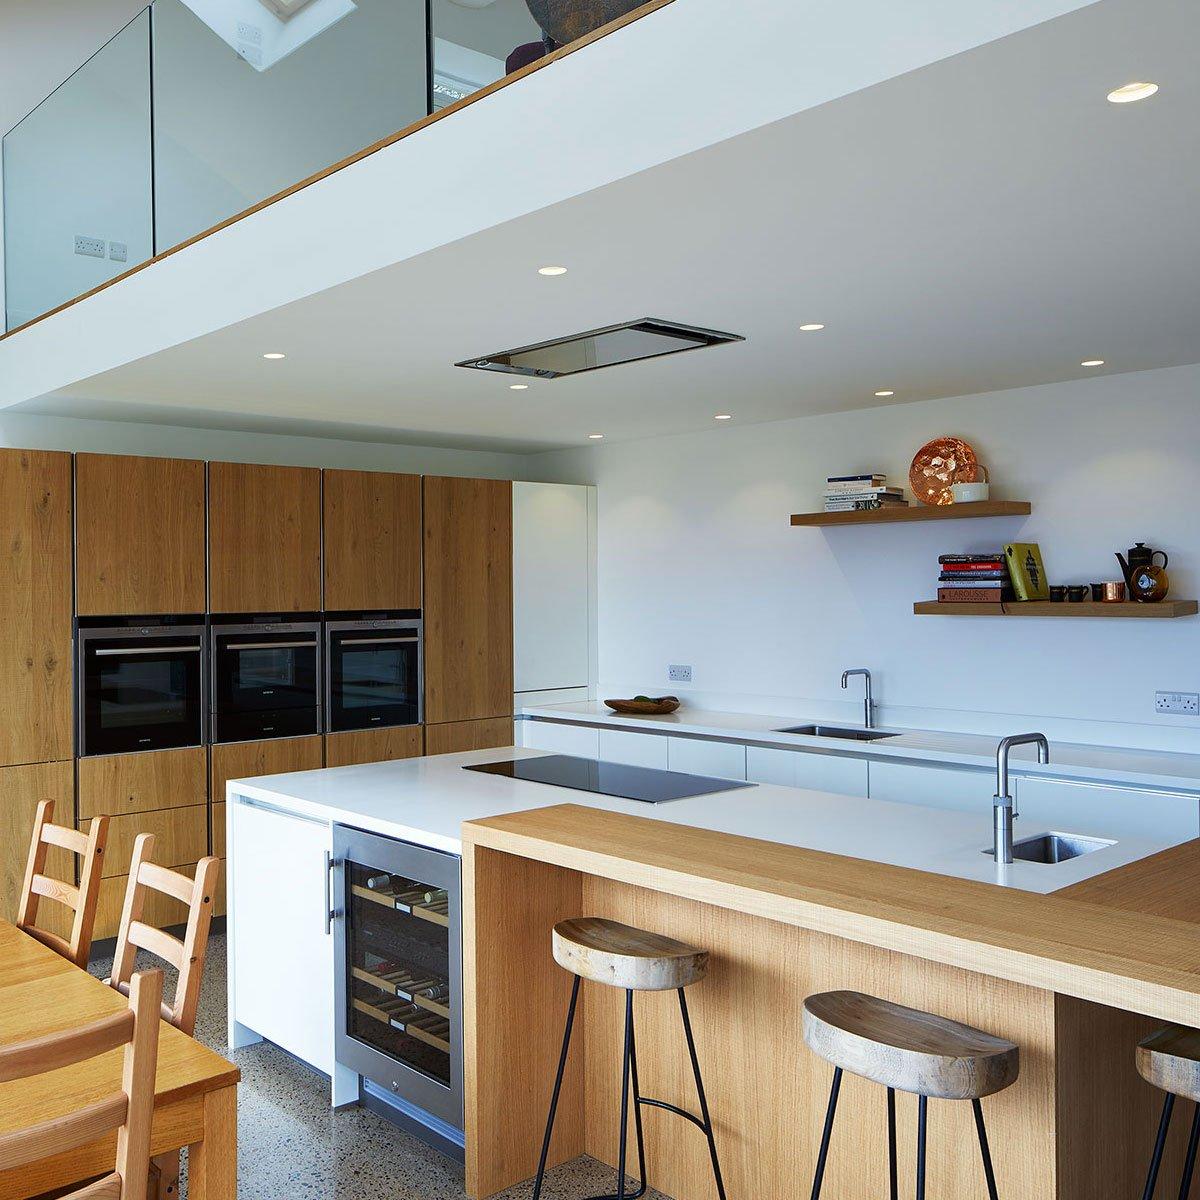 Leyburn-north-yorkshire-kitchen-featured-2